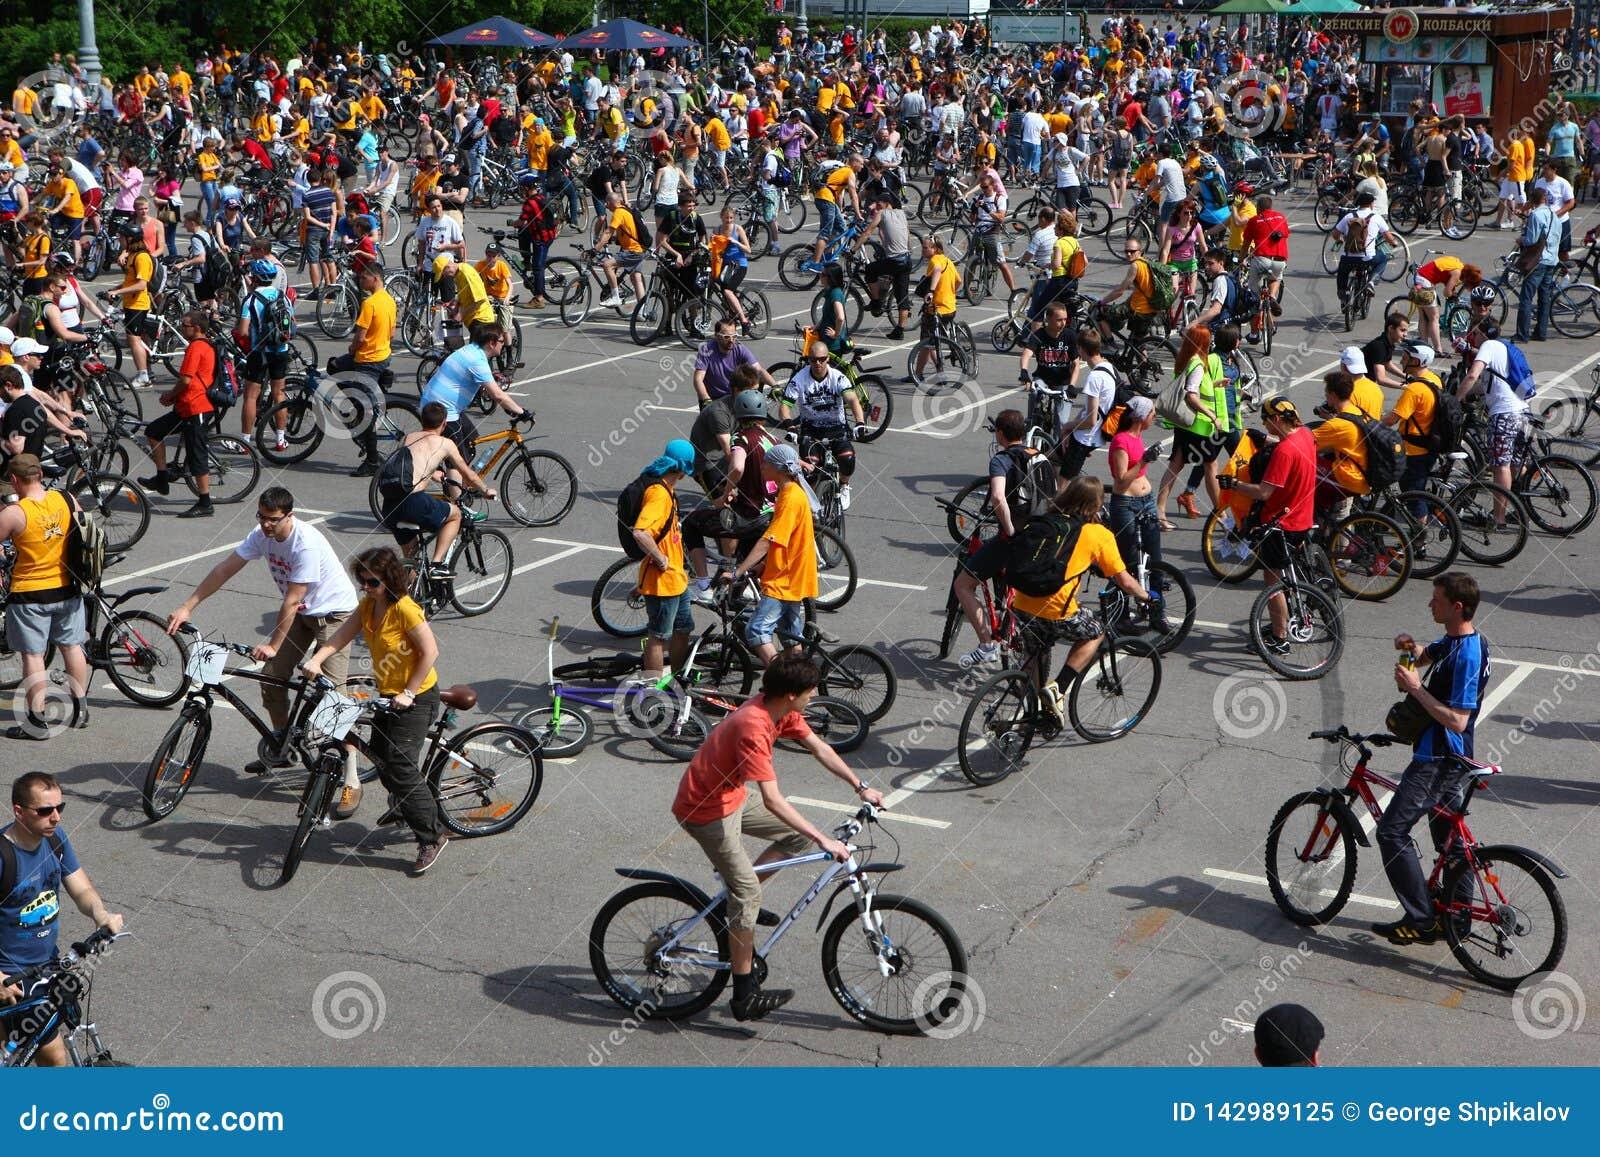 ΜΟΣΧΑ, ΡΩΣΙΑ - 20 Μαΐου 2002: Παραδοσιακή παρέλαση ανακύκλωσης πόλεων, πριν από την έναρξη